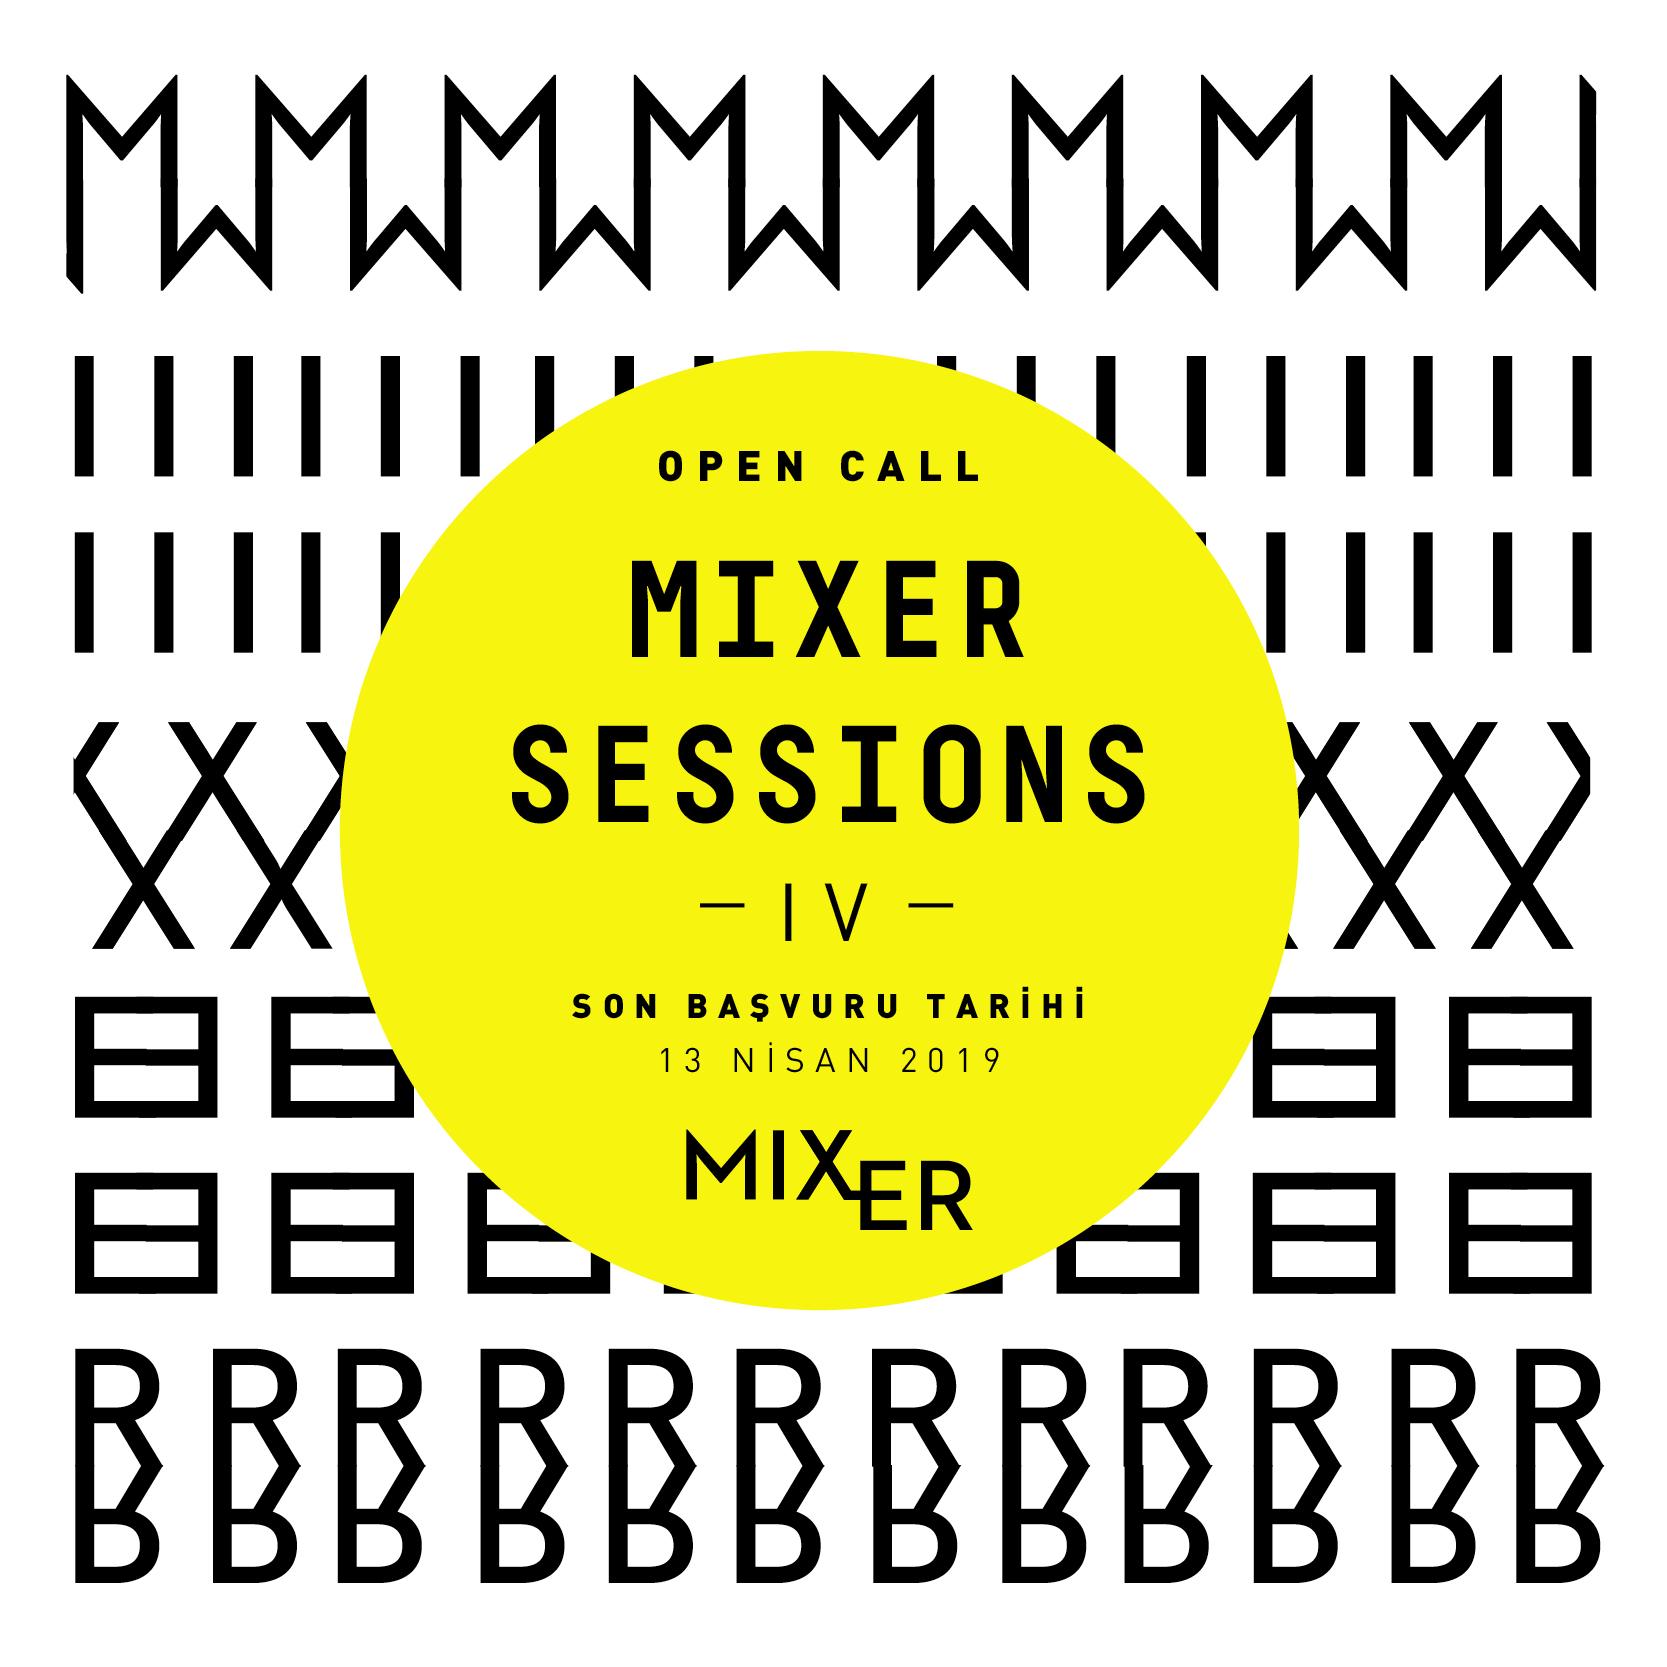 Açık Çağrı: Mixer Sessions IV